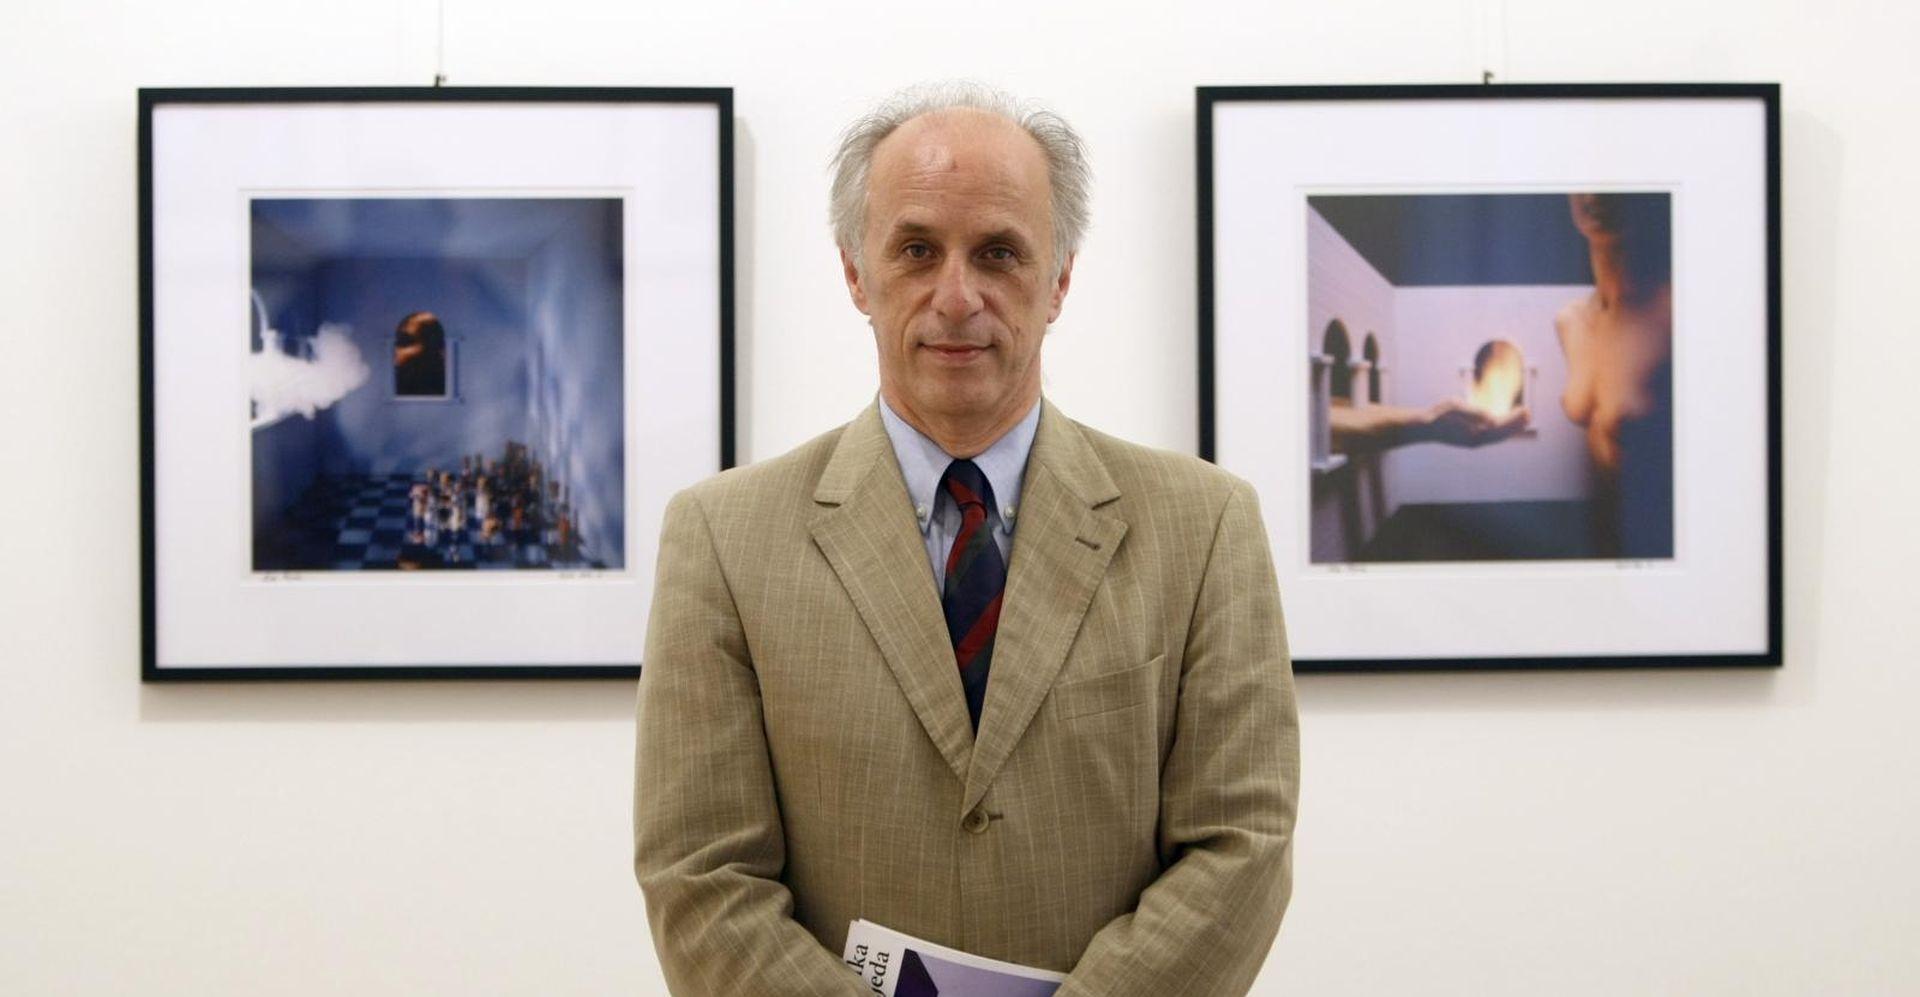 'Fotografski natječaj oformio sam zato da portret bude u fokusu'